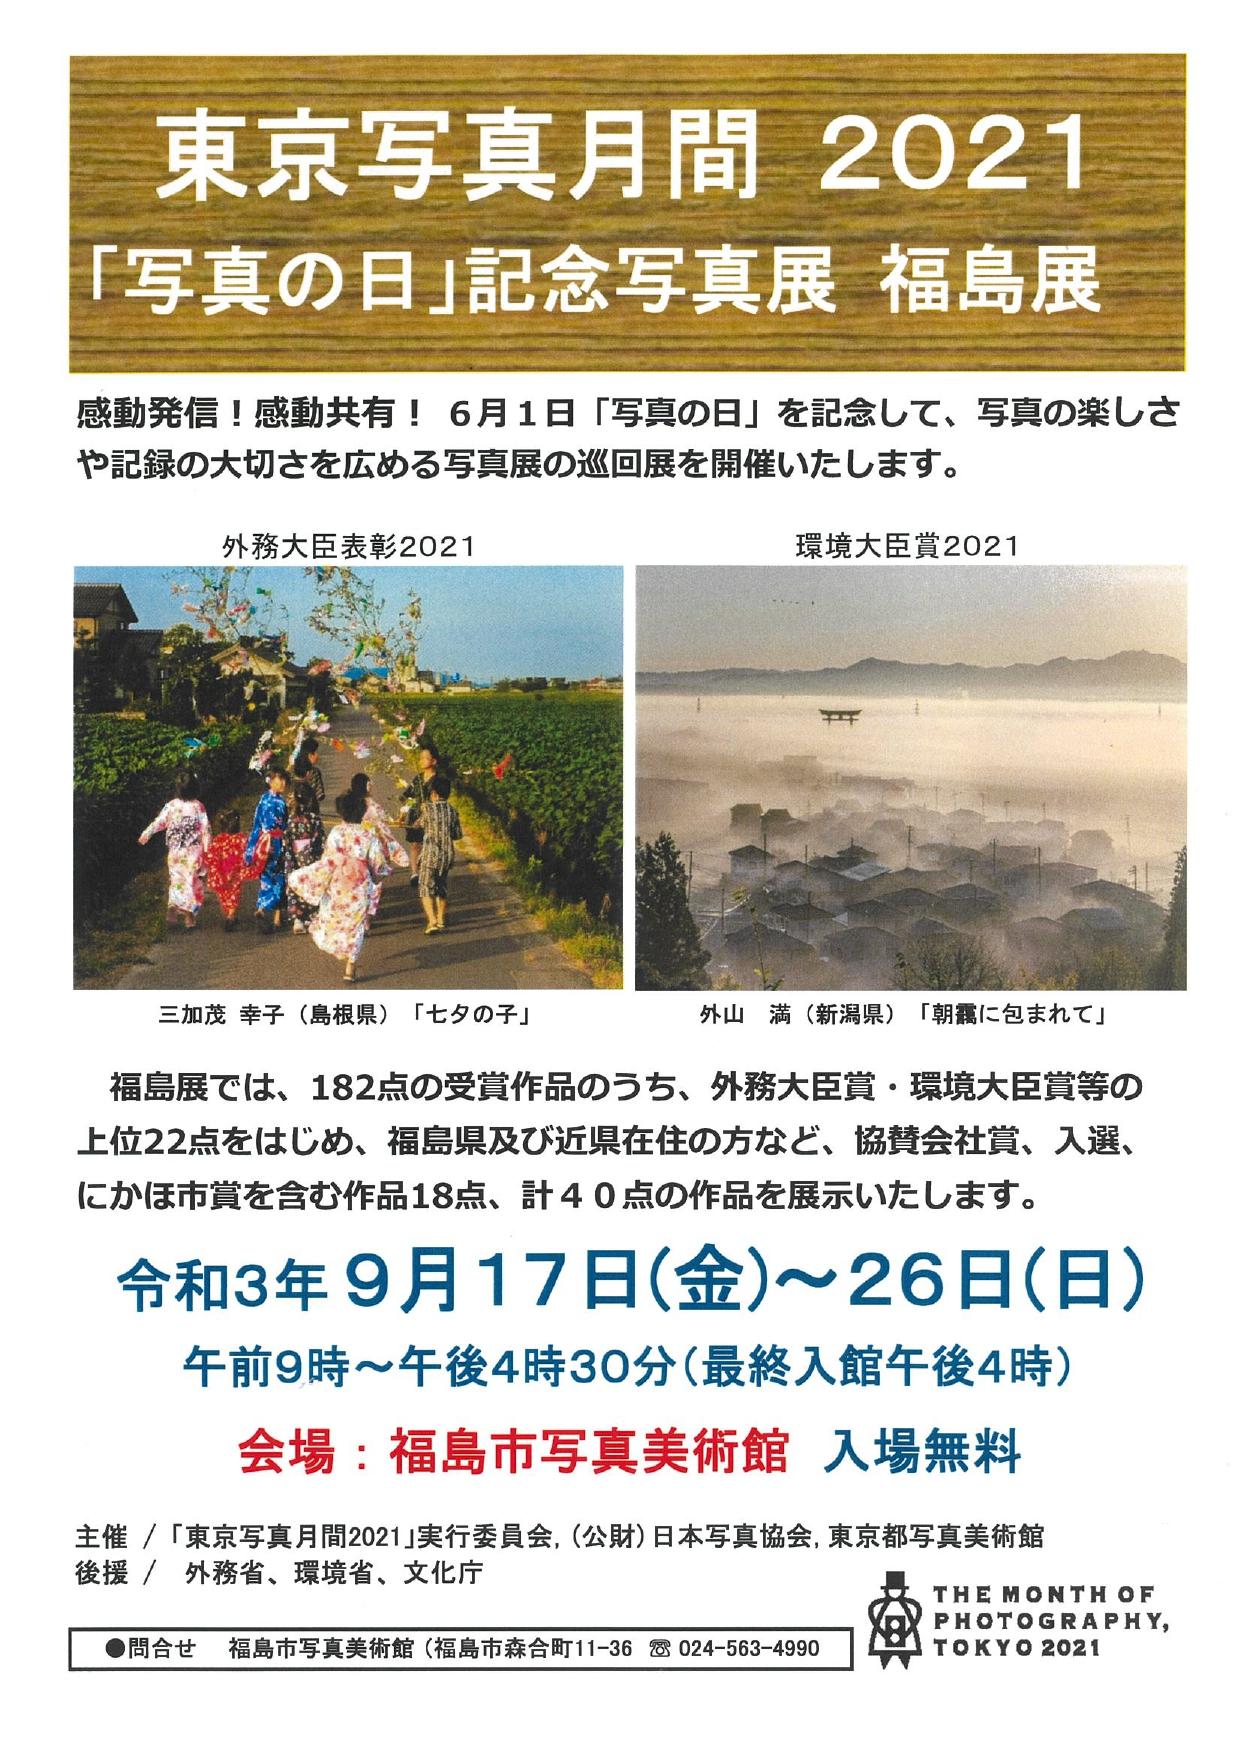 東京写真月間2021「写真の日」記念写真展 福島展